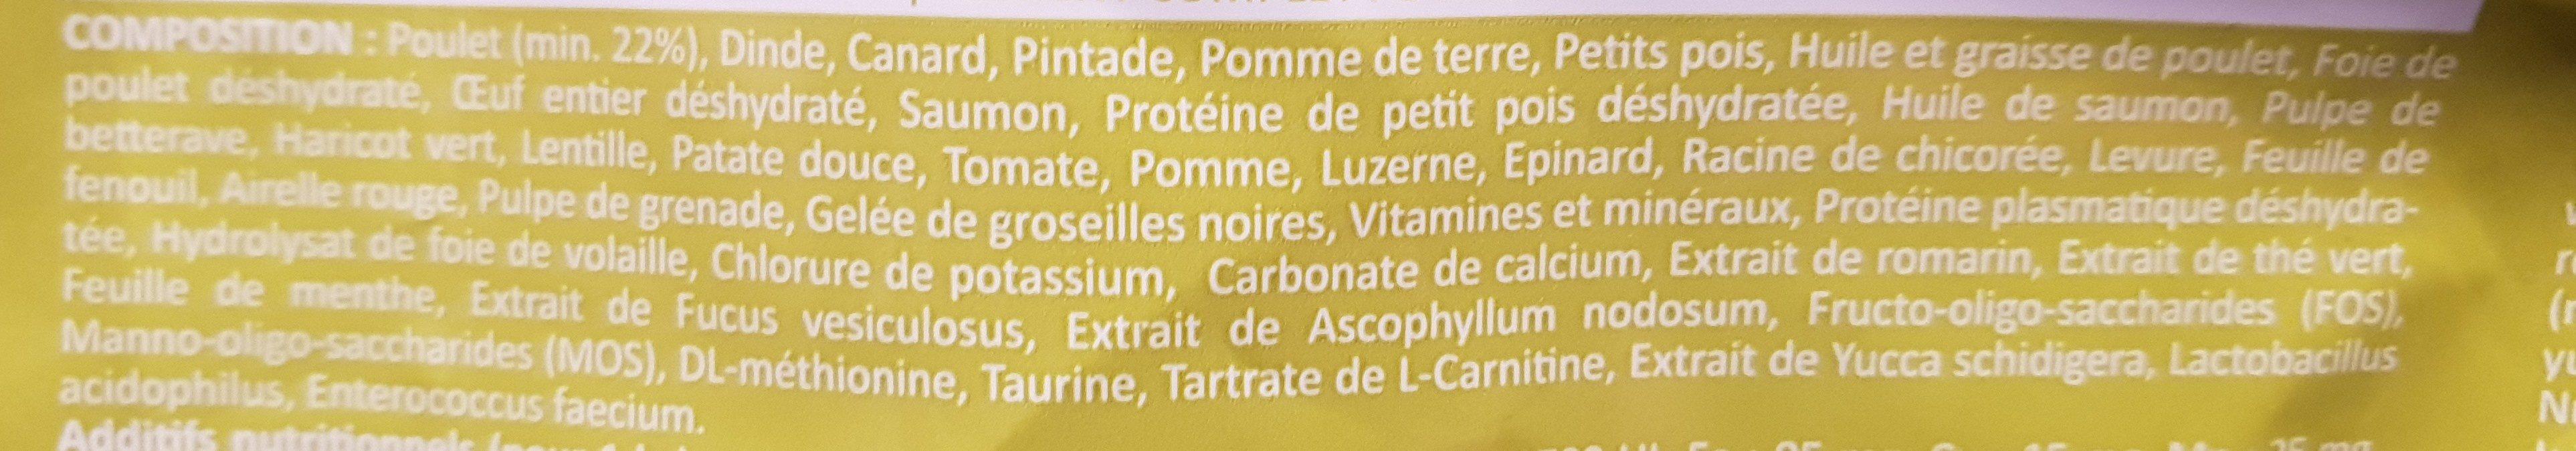 inne pet food - Ingredients - fr